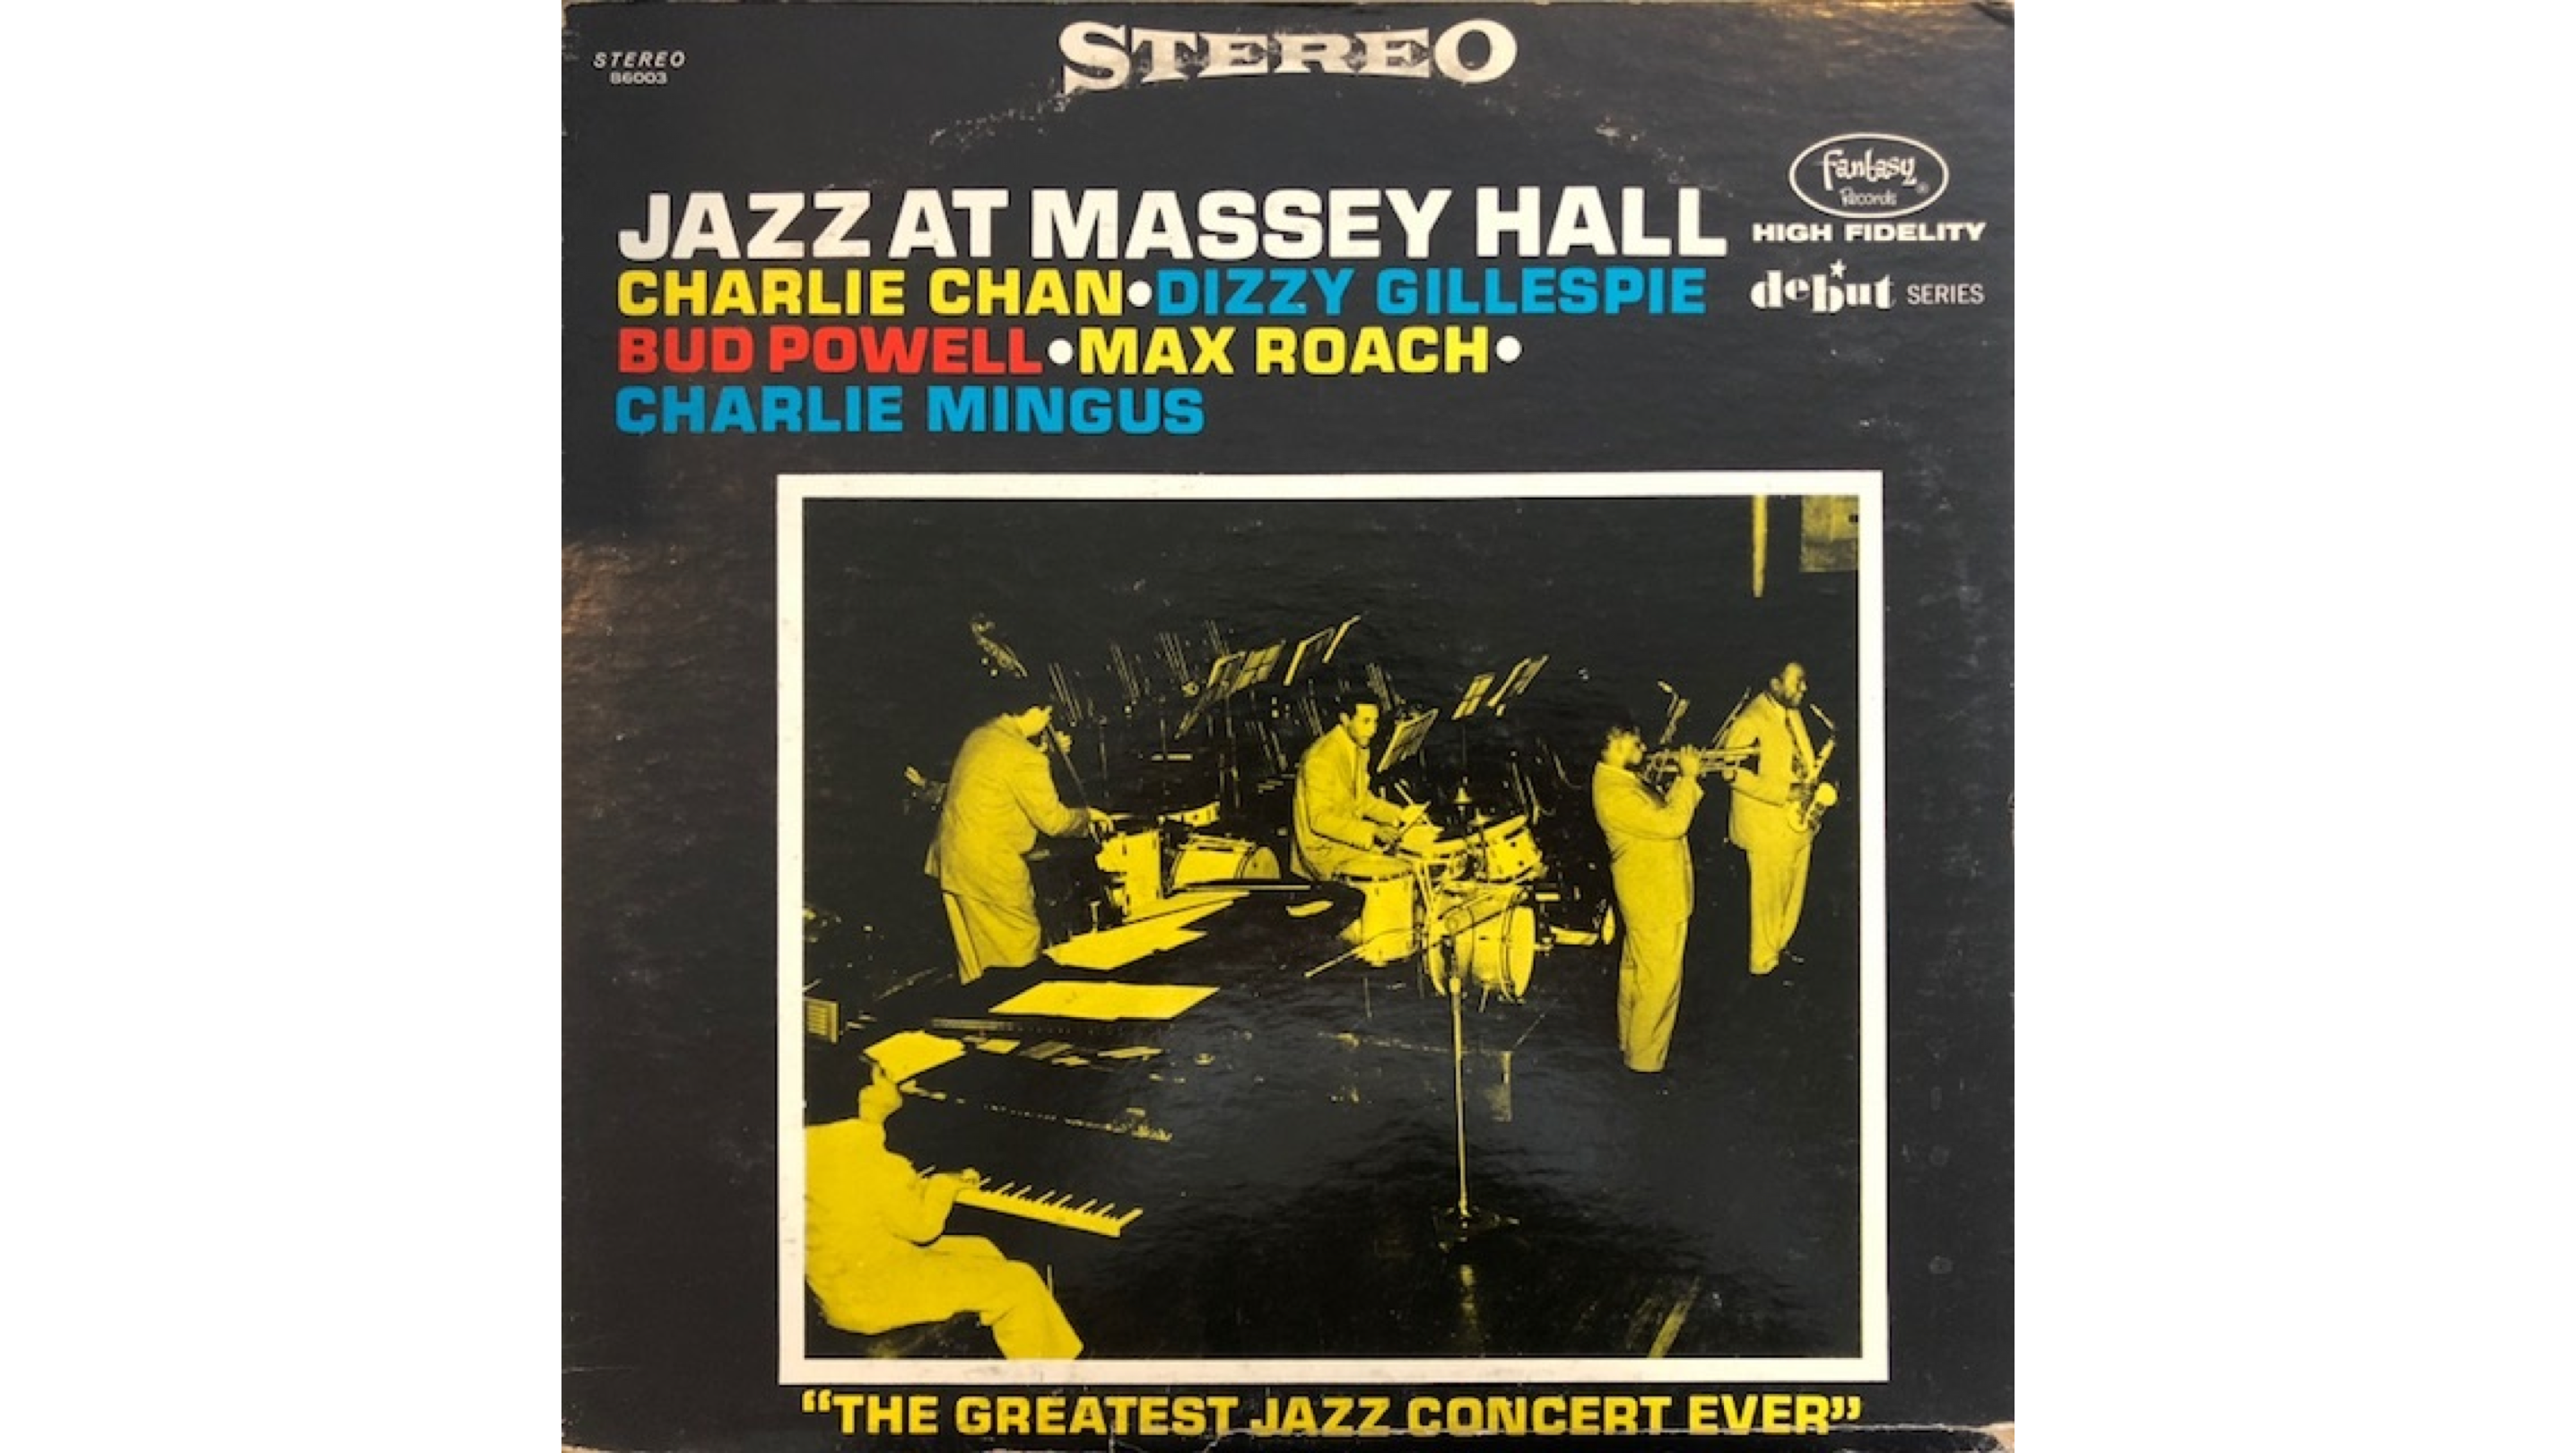 ジャズの名盤紹介『Jazz At Massey Hall』